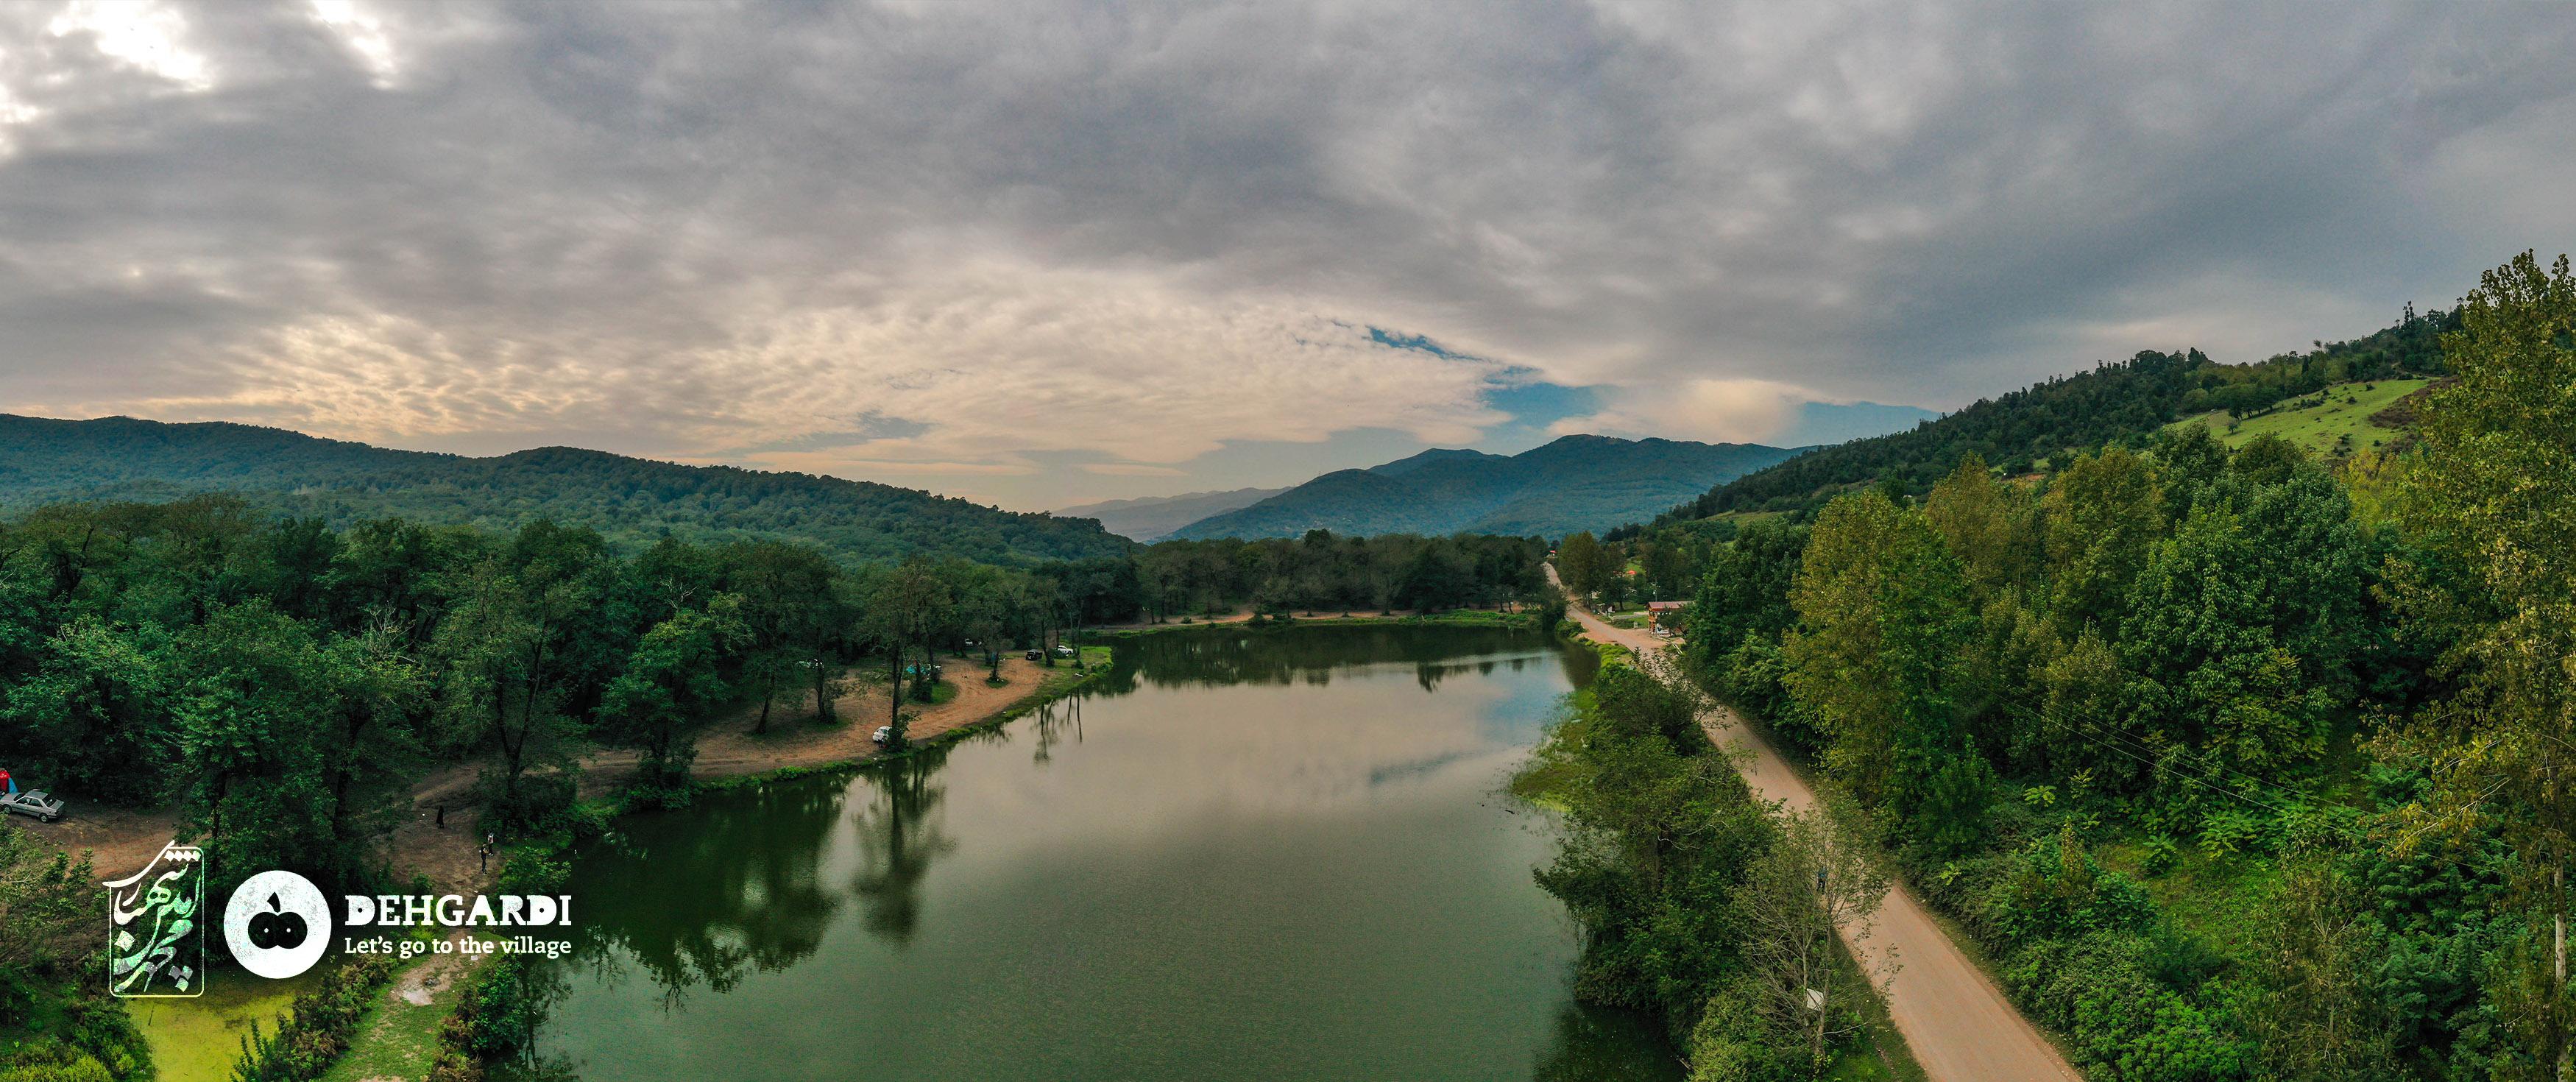 روستای حلیمهجان - دریاچه عروس